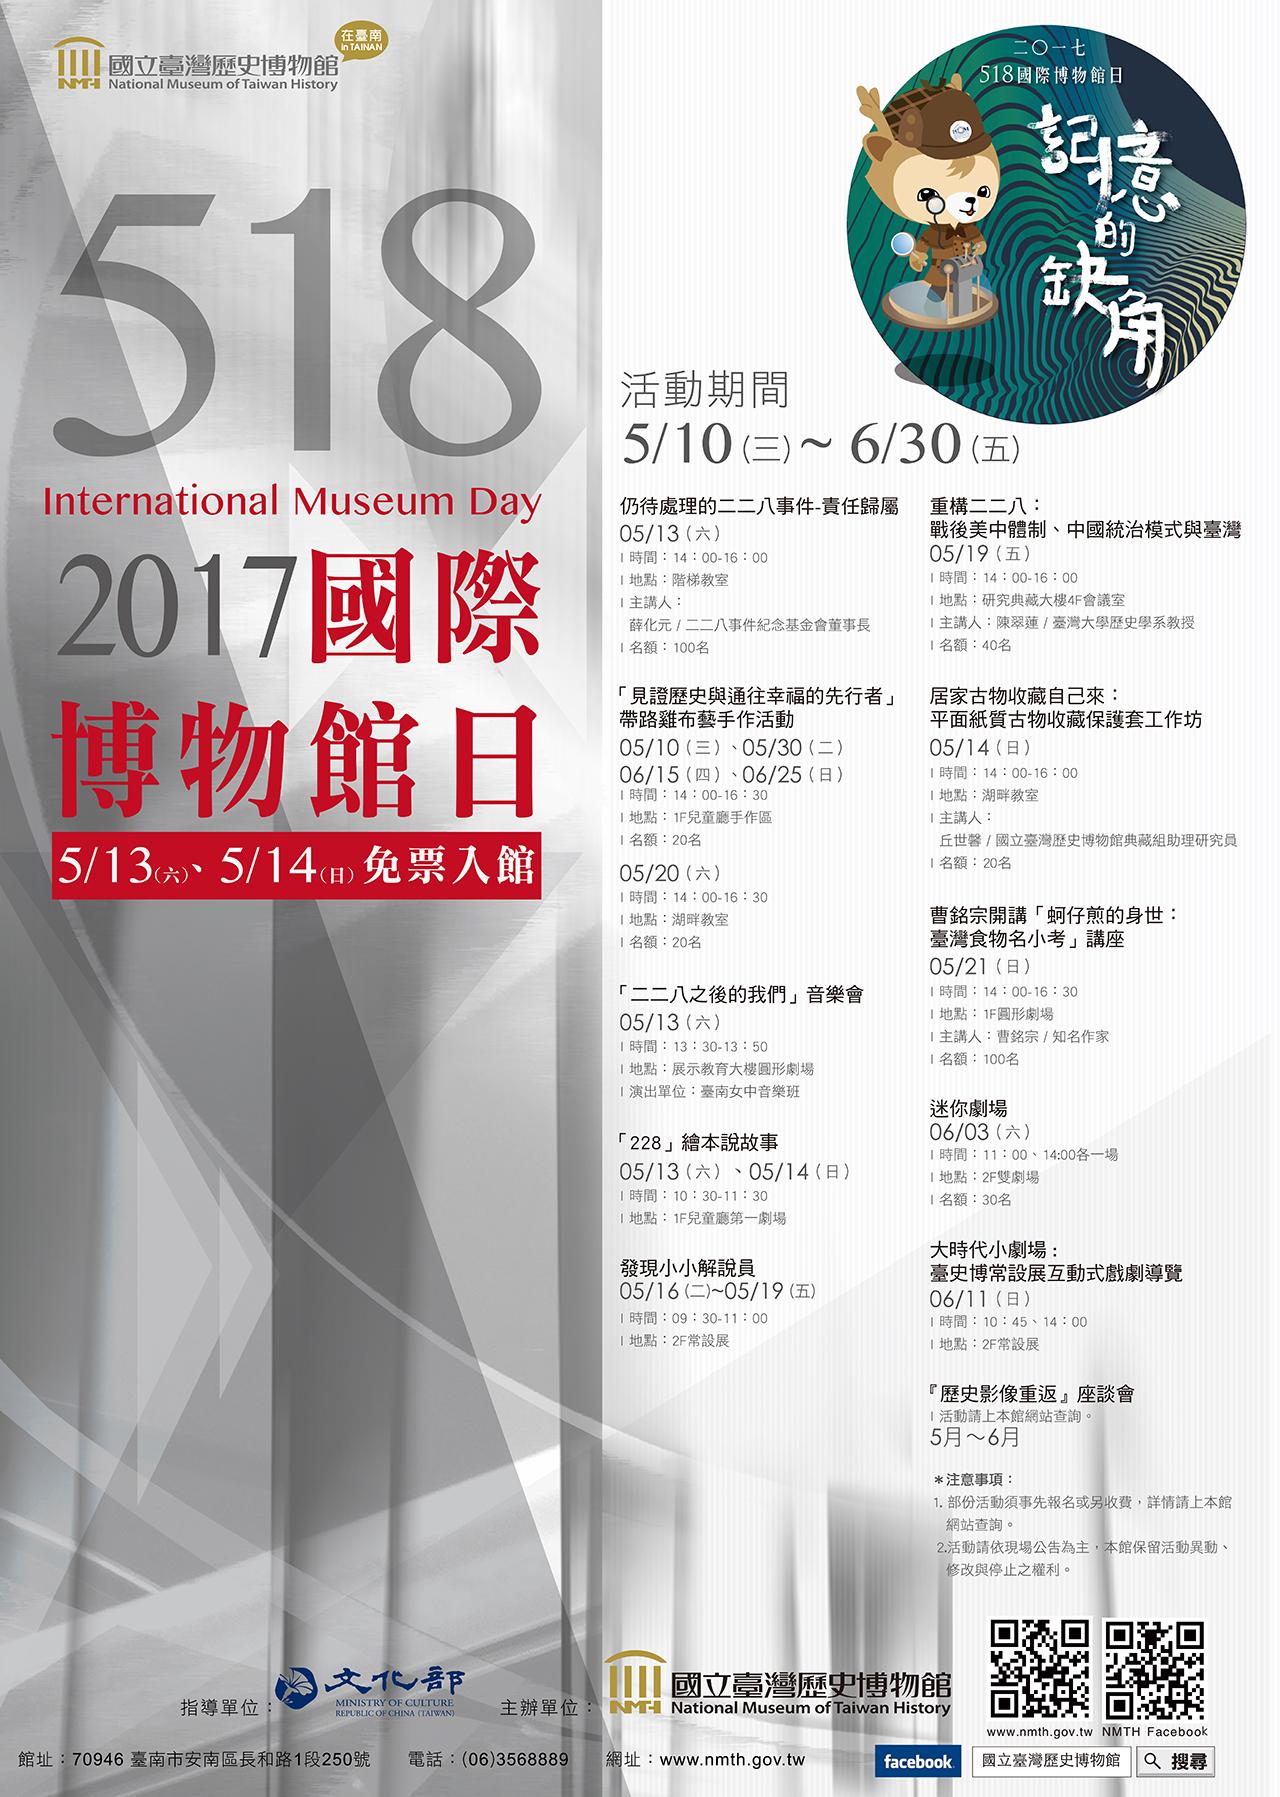 歡慶博物館日活動